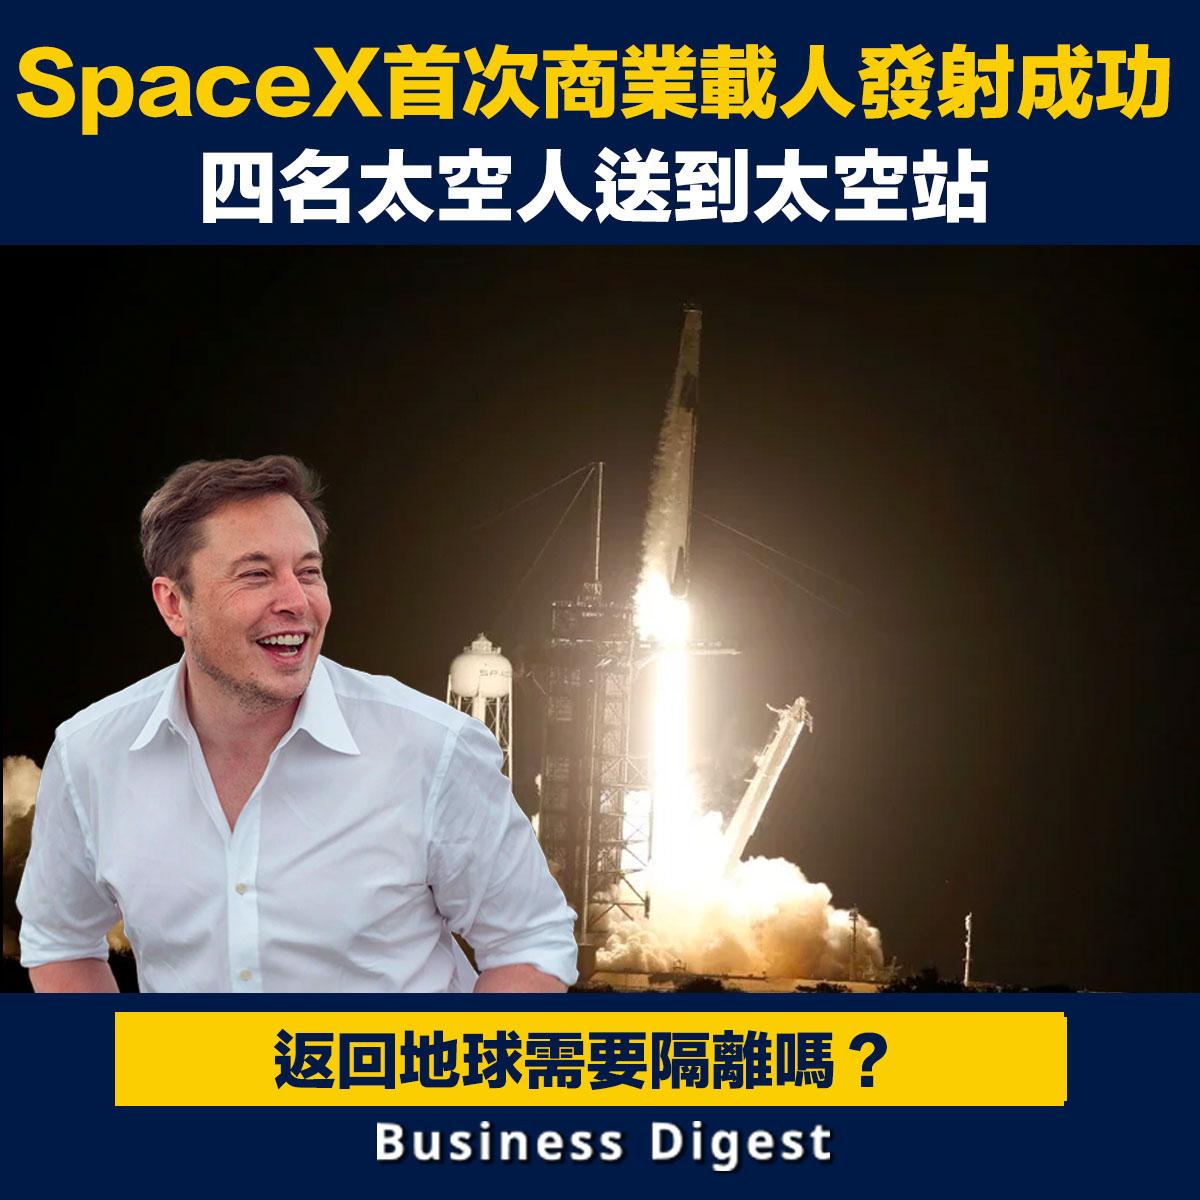 馬斯克旗下的航天科技公司SpaceX首次載人飛行,在佛羅里達州的甘迺迪太空中心順利發射